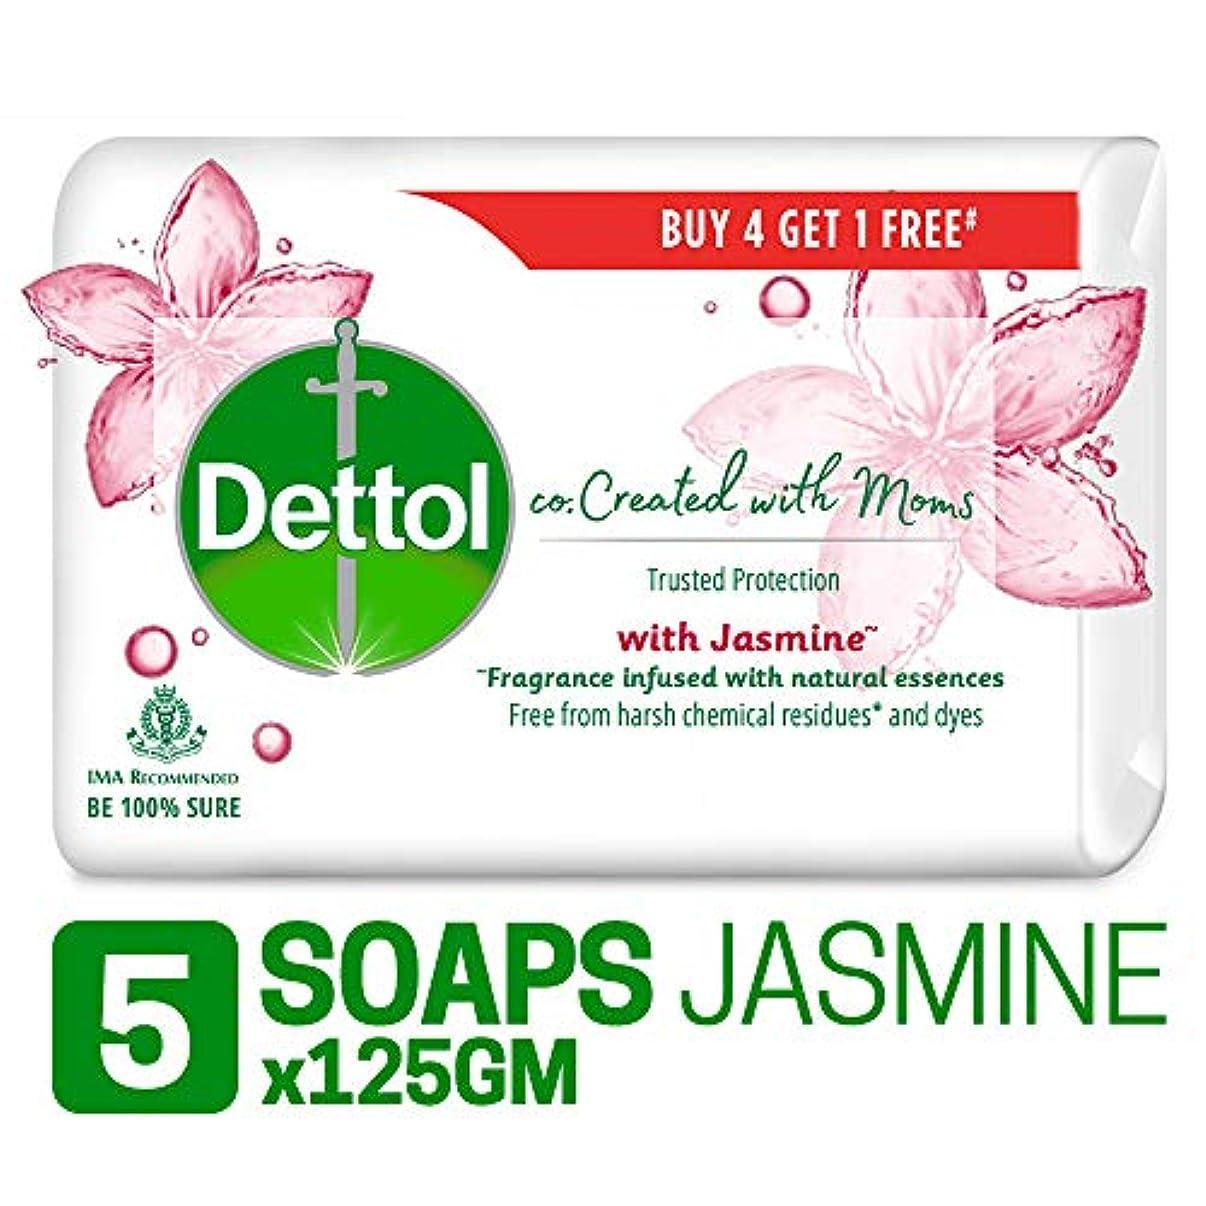 調子転送量Dettol Co-created with moms Jasmine Bathing Soap, 125gm (Buy 4 Get 1 Free)